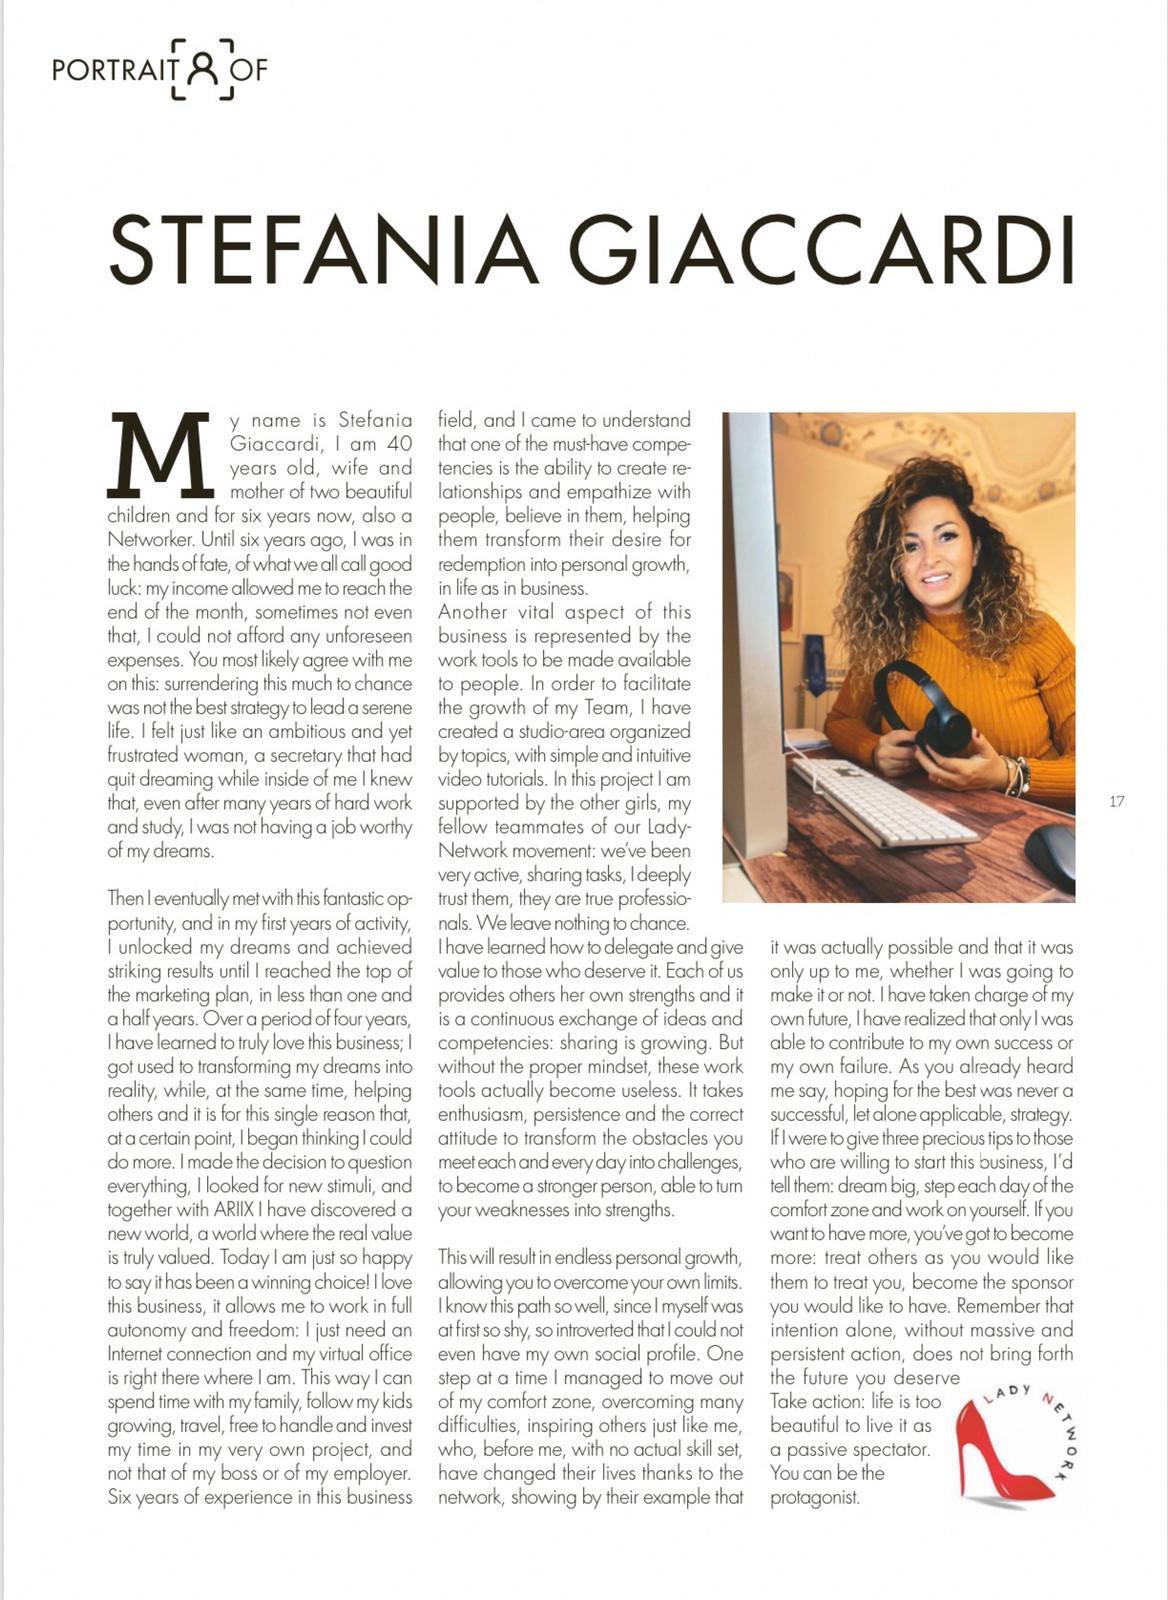 articolo su Stefania Giaccardi pubblicato su The Networker rivista di network marketing